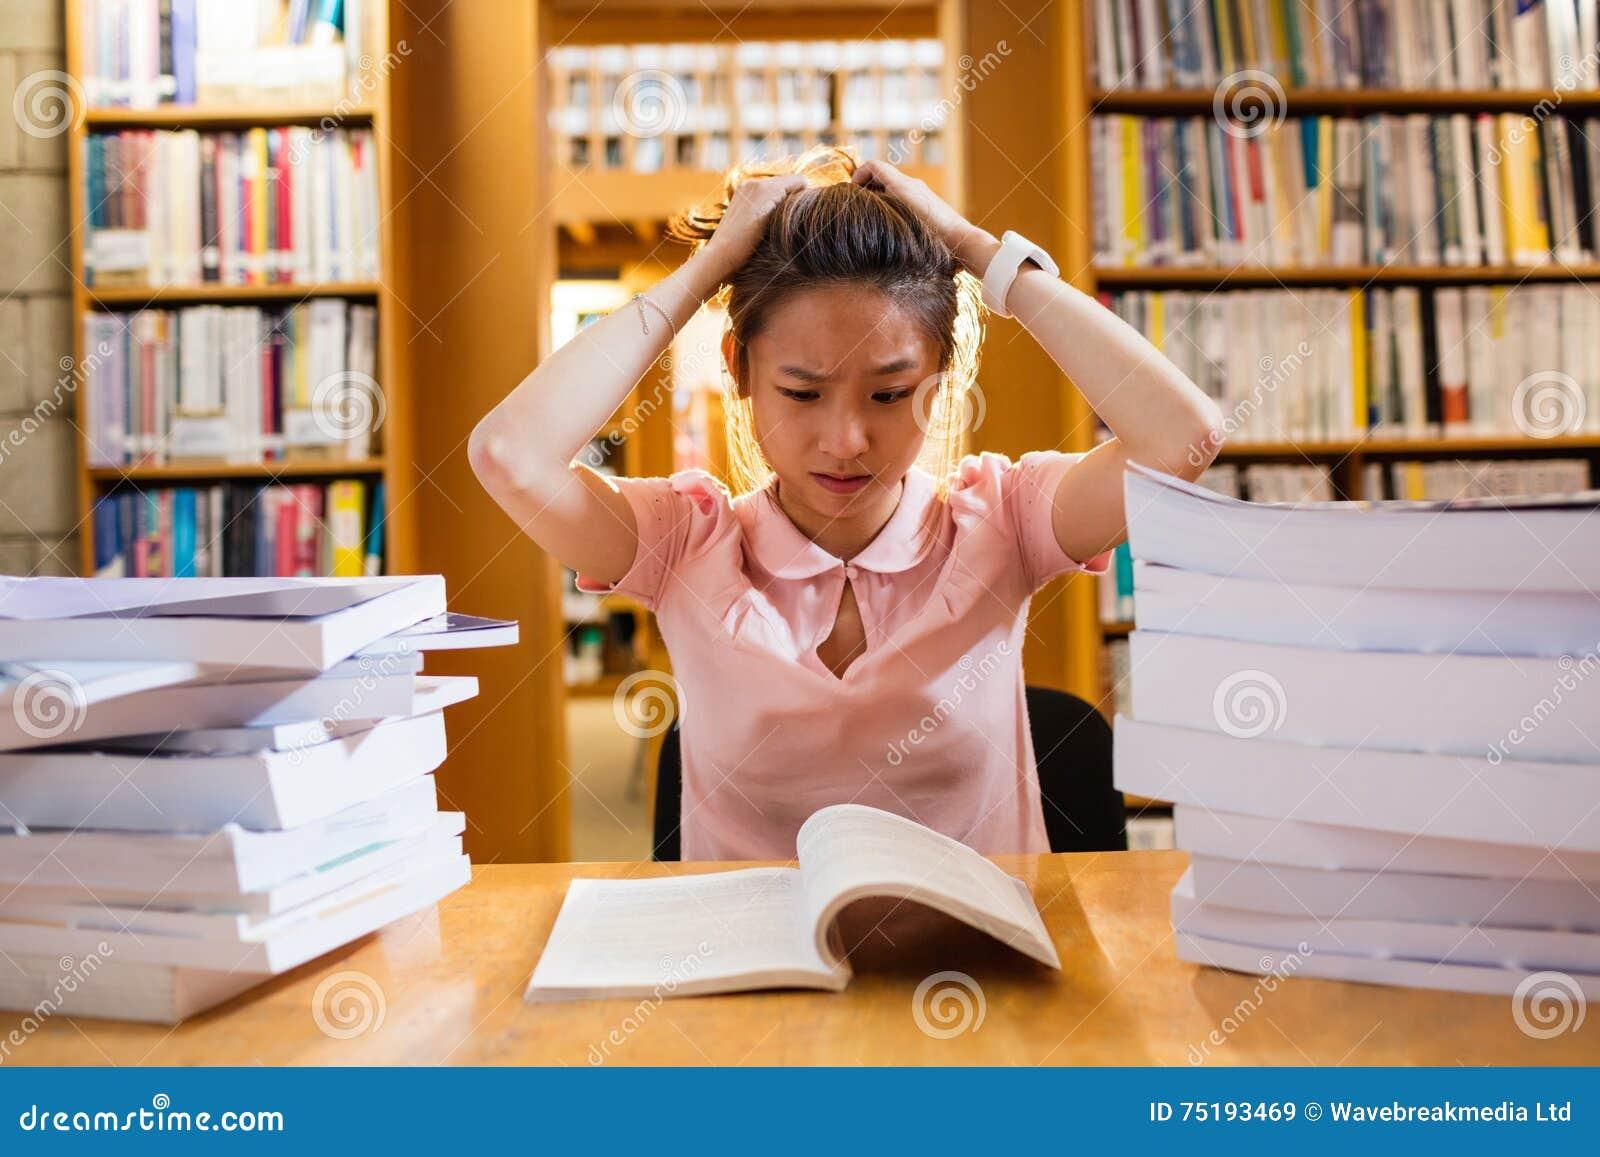 Gestraffte junge Frau, die in der Bibliothek studiert